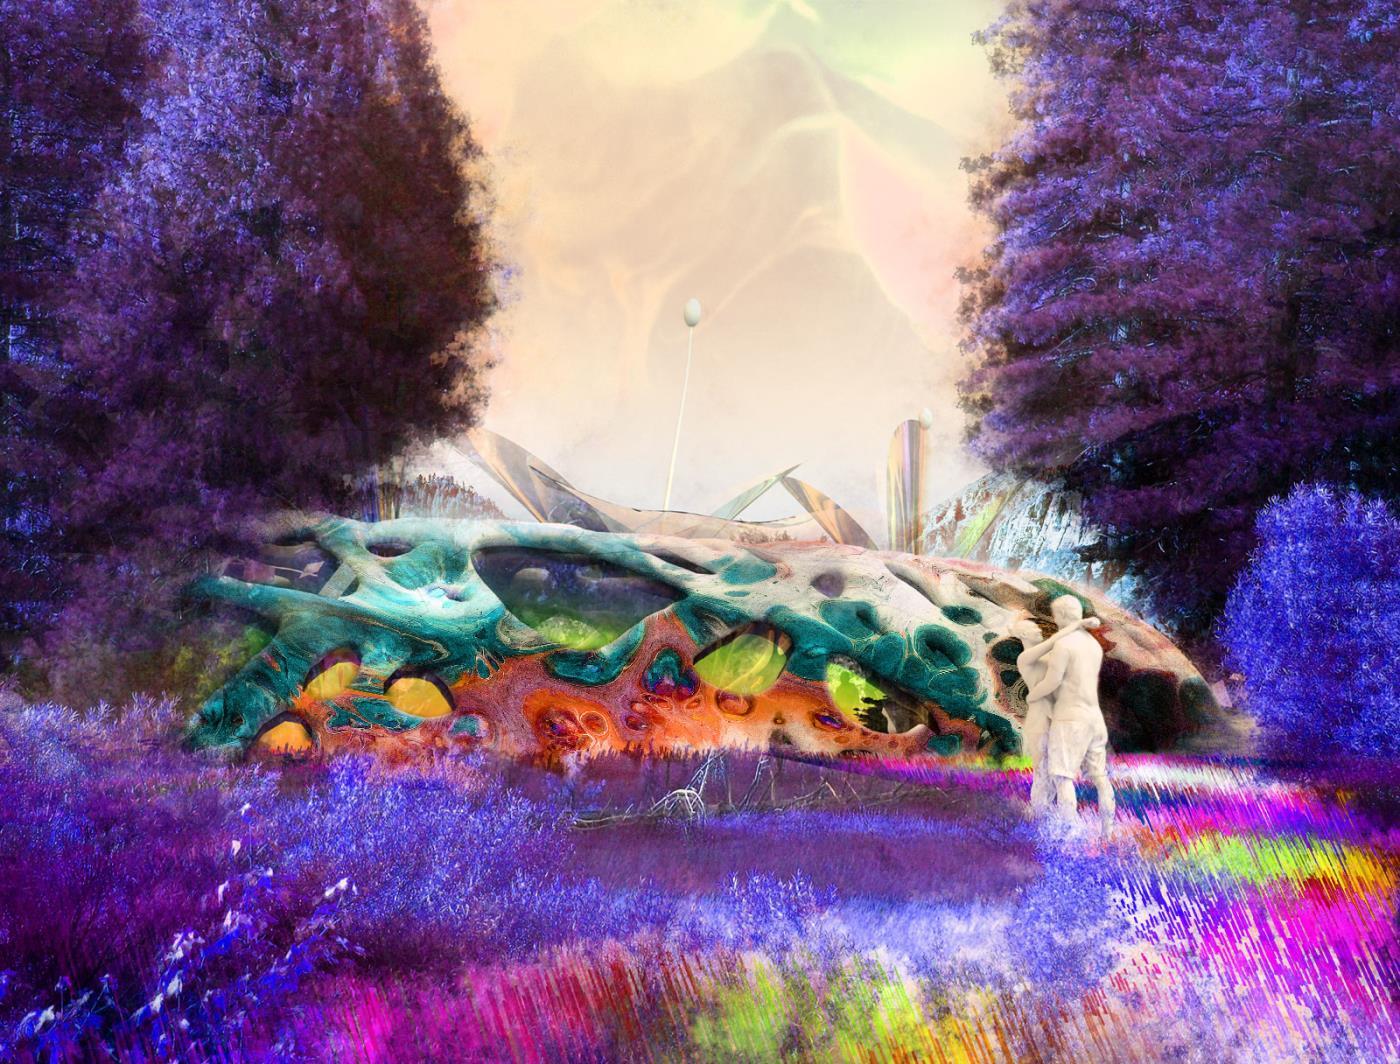 E-topia: In Search of Next Nature Architecture